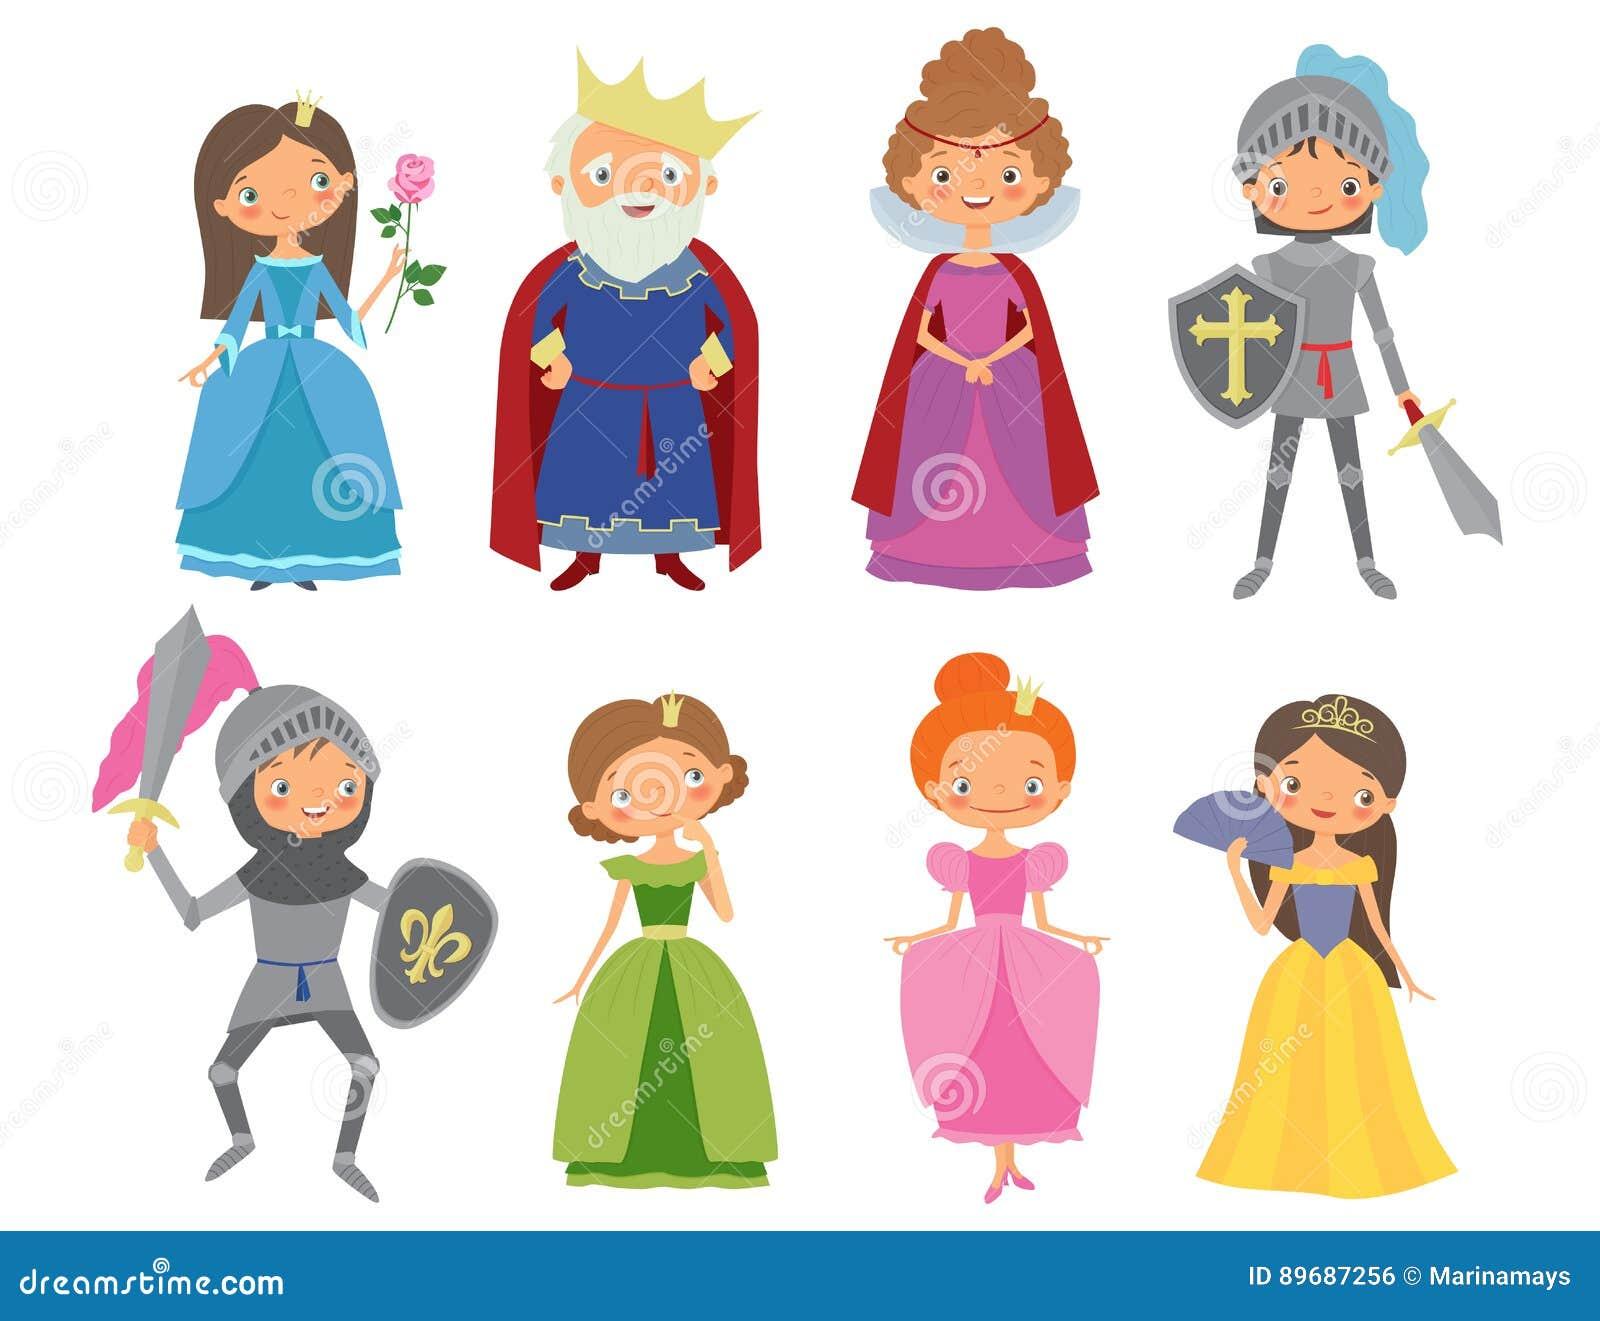 Ritter Und Prinzessinnen